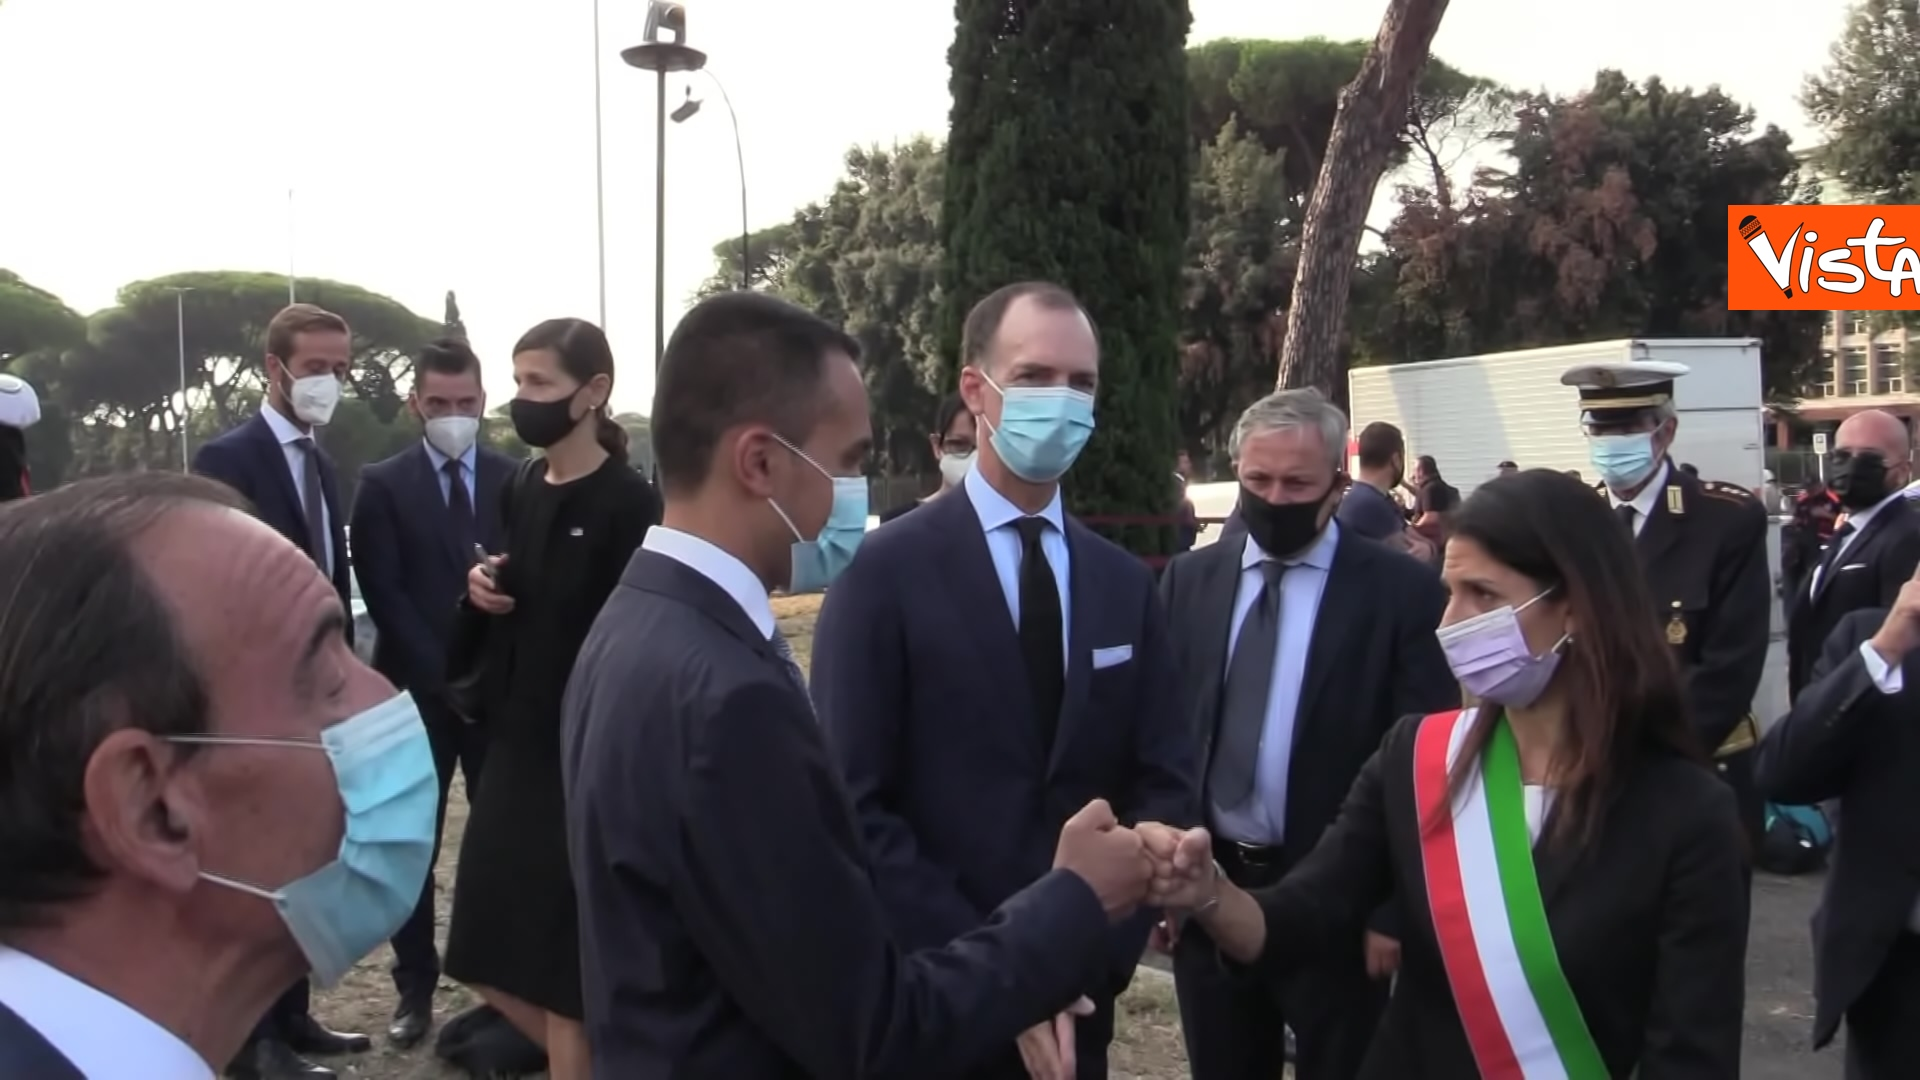 11-09-21 Attentati dell11 settembre Di Maio e Raggi alla cerimonia per i 20 anni a Roma Le immagini_05